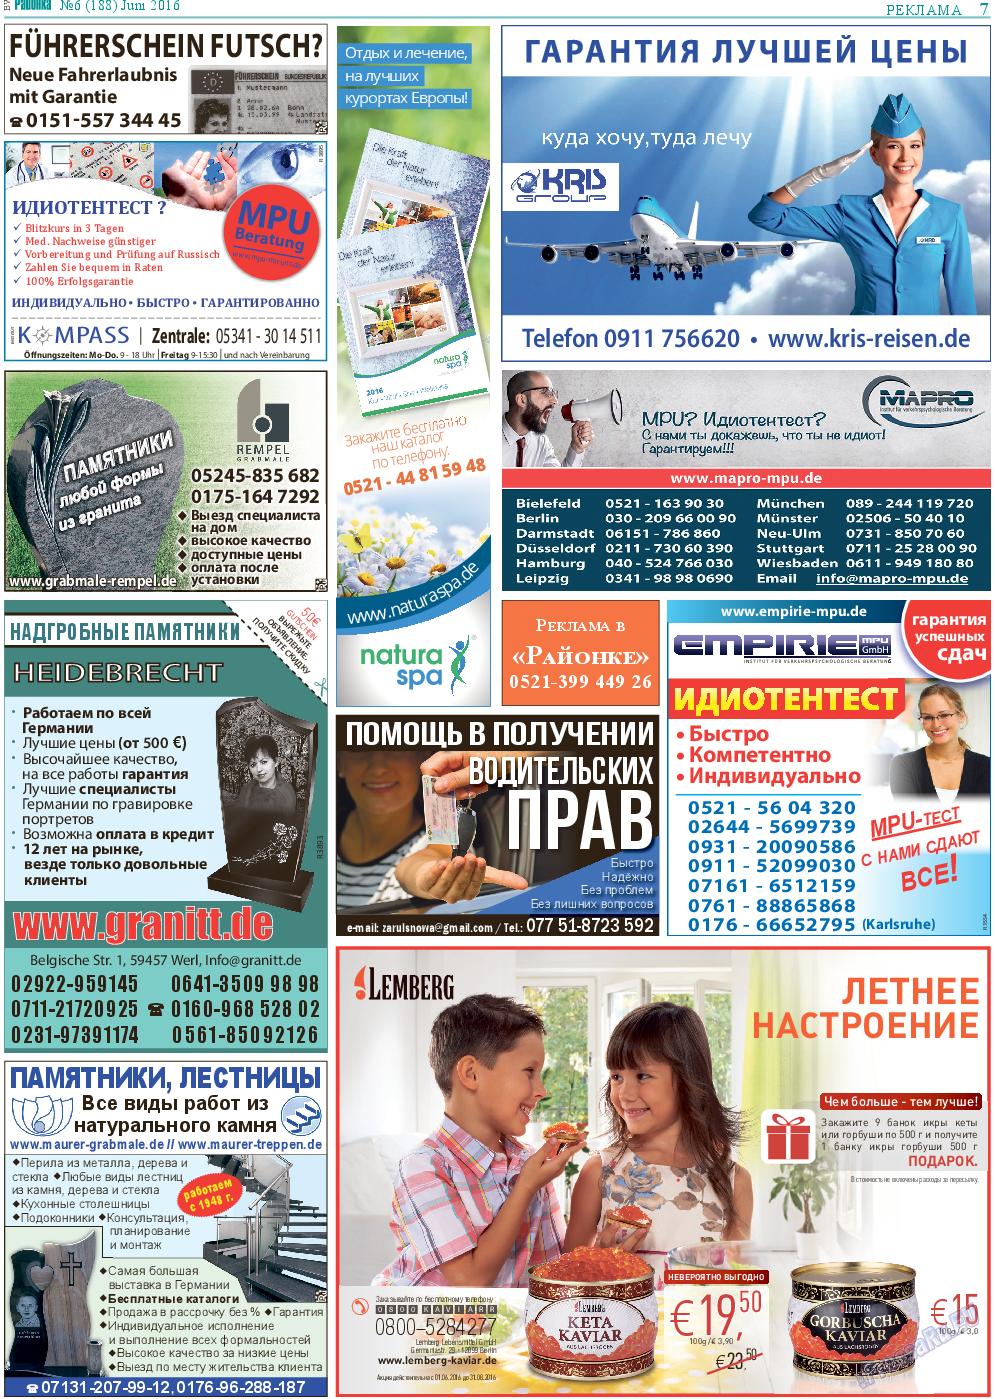 Районка-West (газета). 2016 год, номер 6, стр. 7